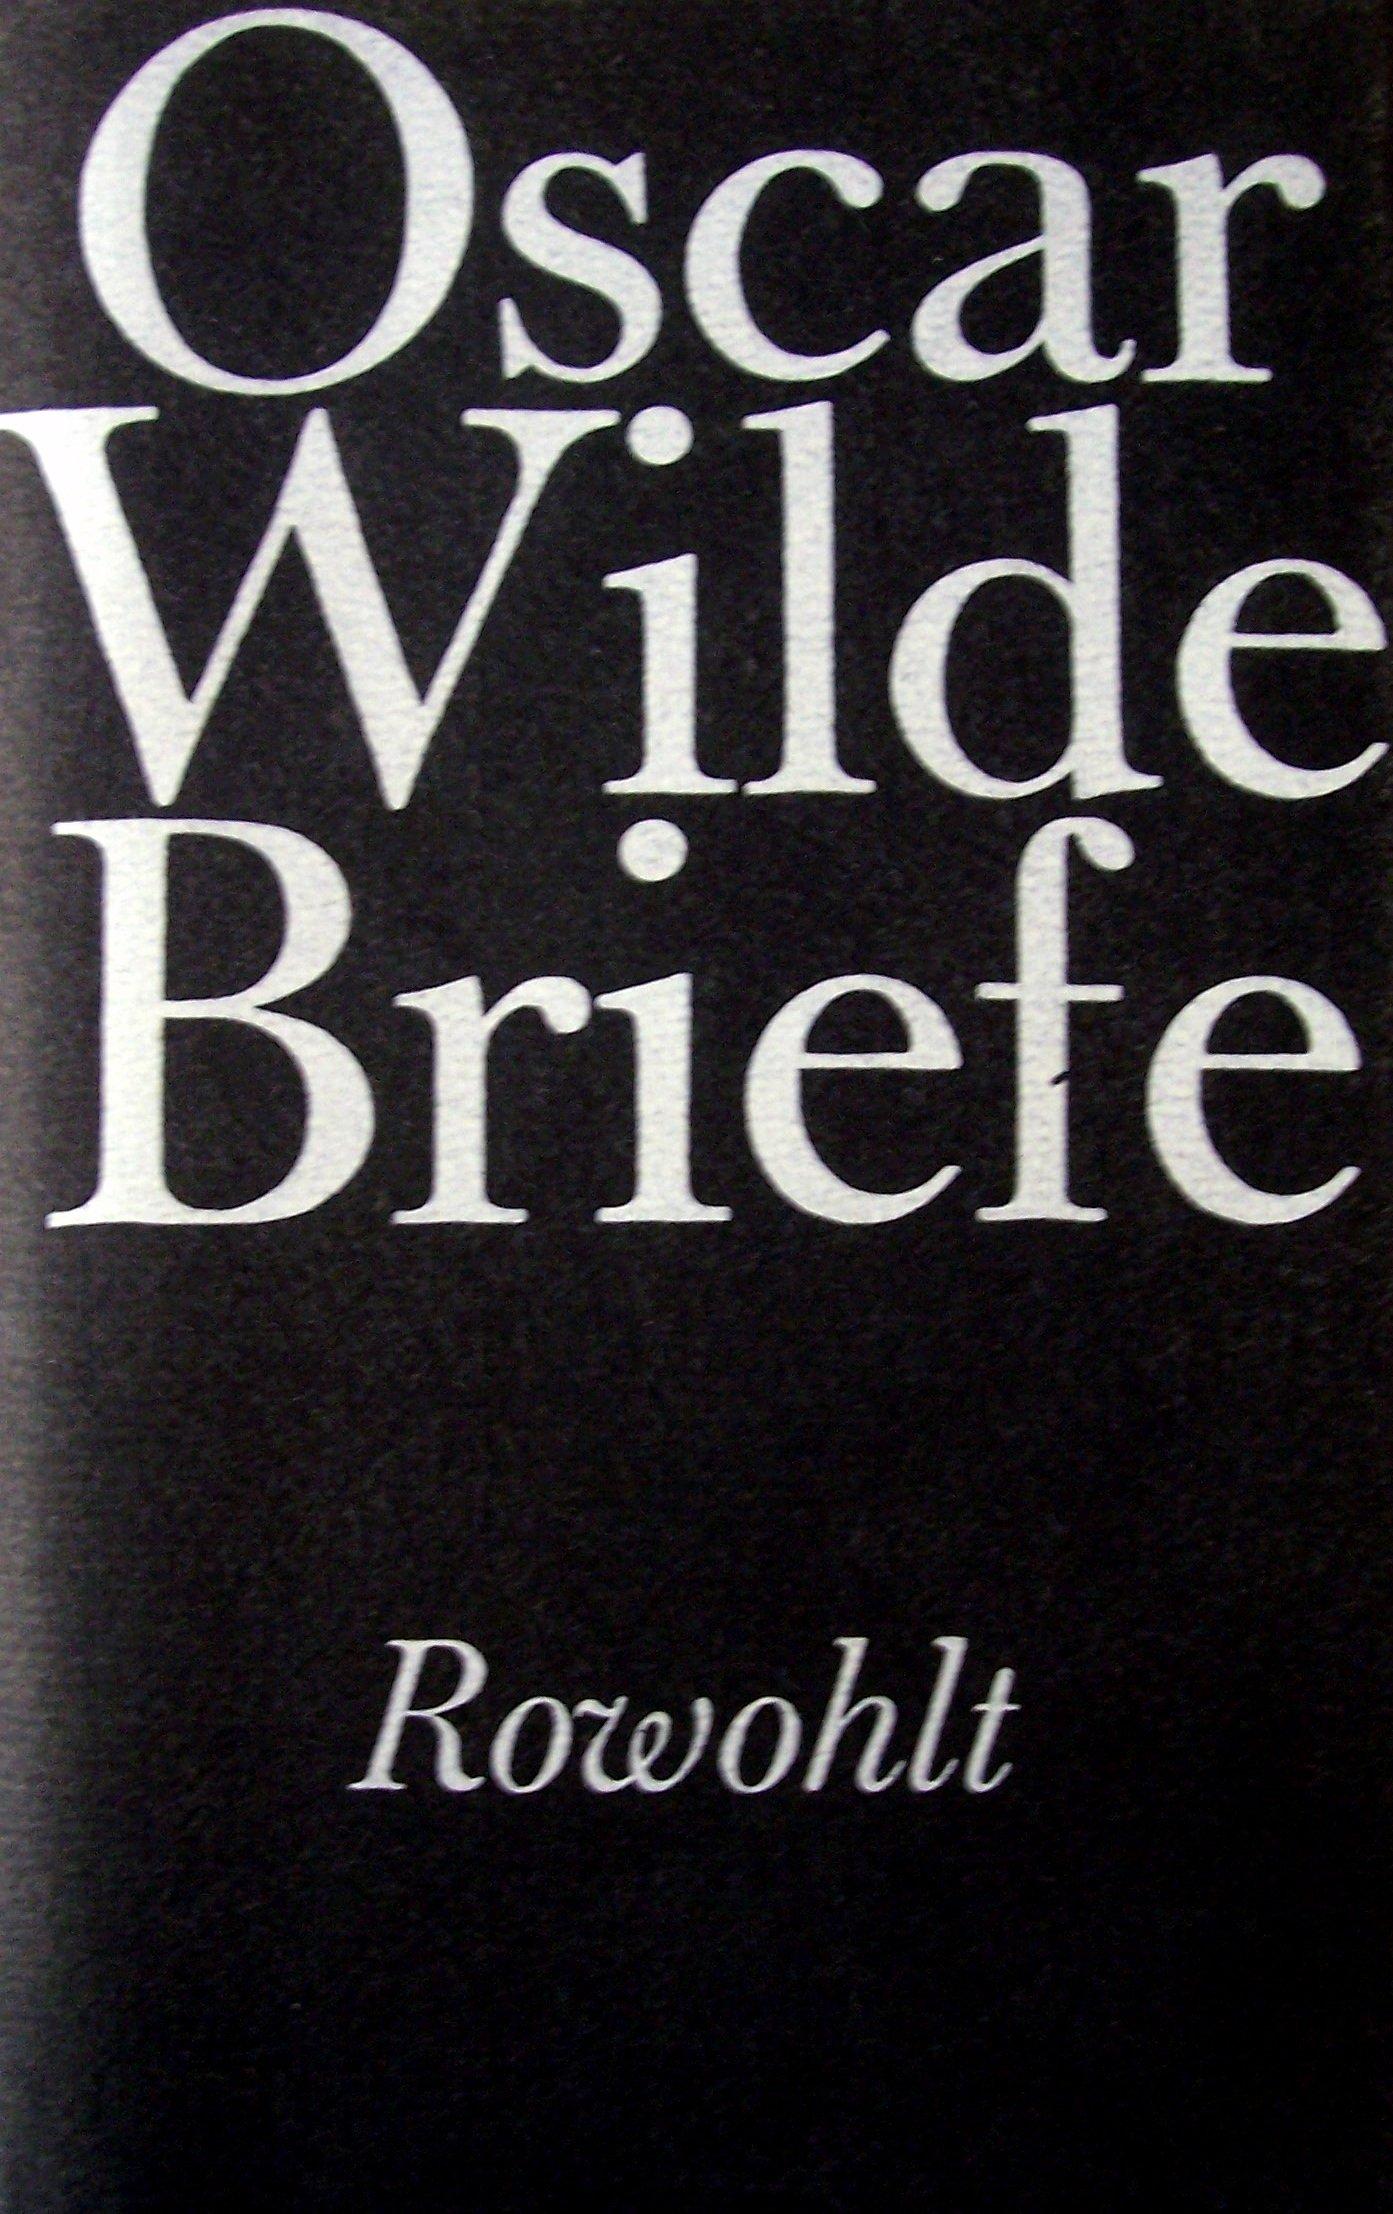 Oscar Wilde Briefe und Anmerkungen Deutsch von Hedda Soellner. Erste ...